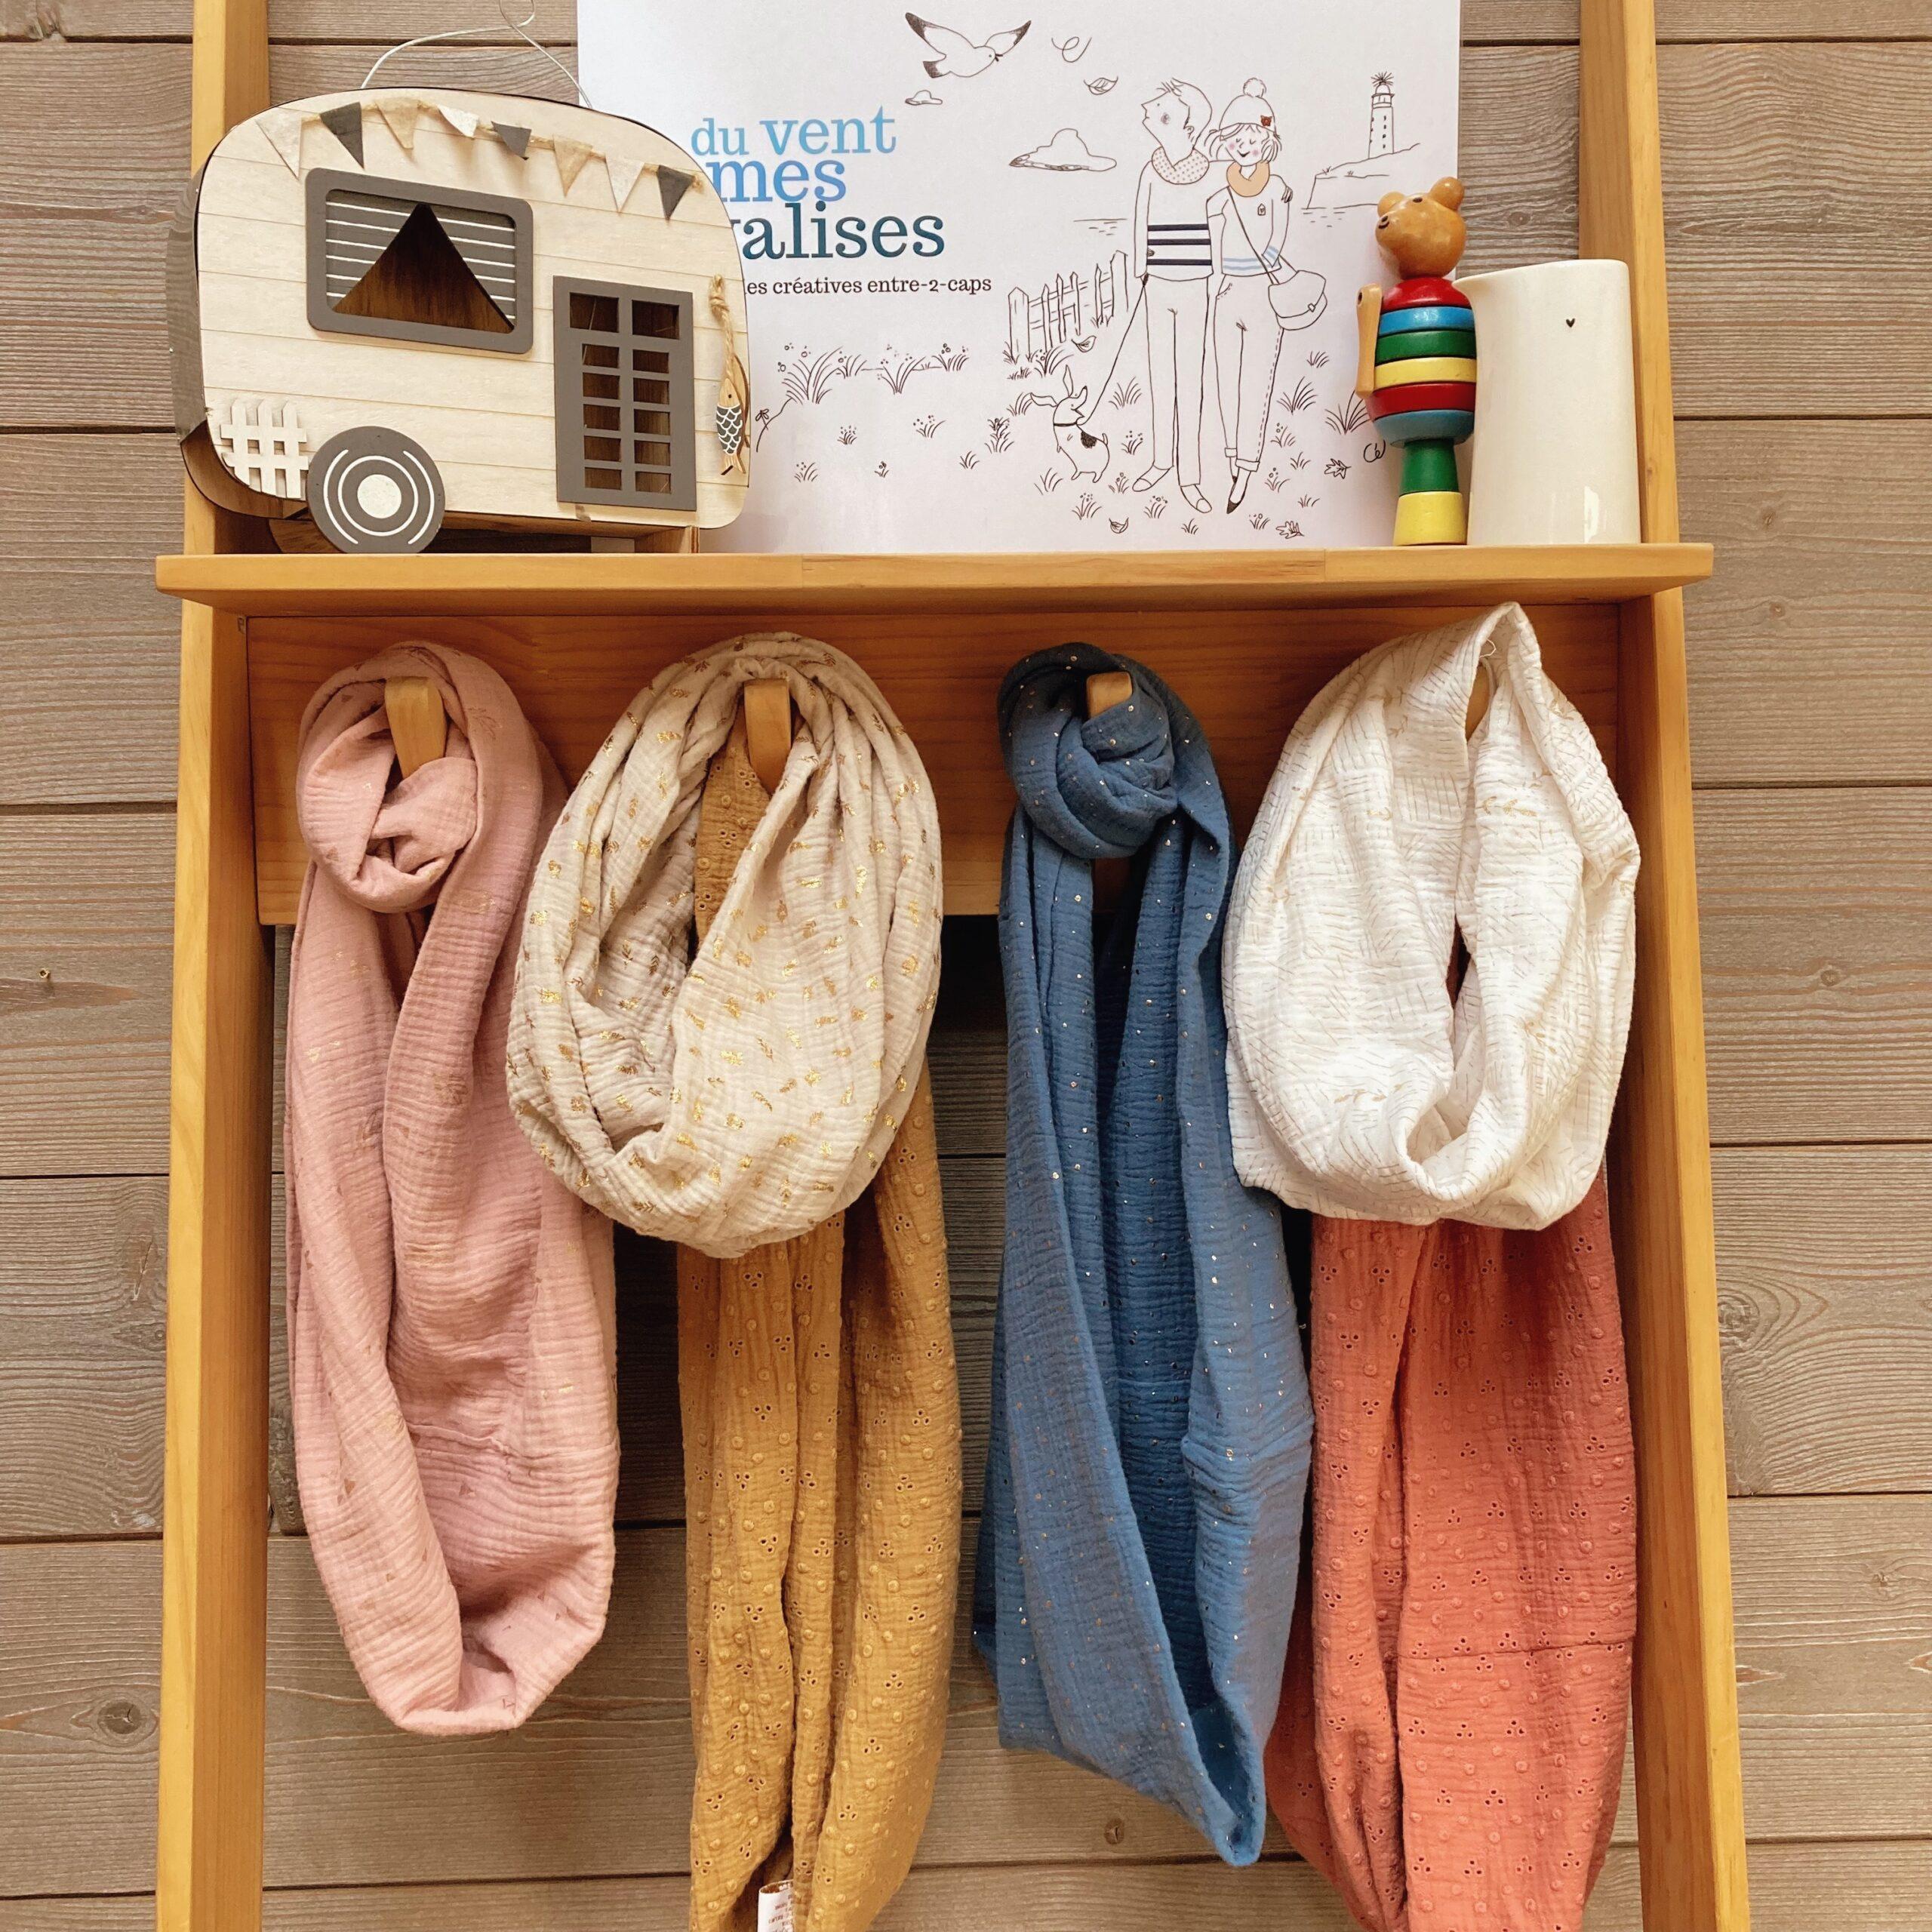 echarpes-snoods-femmes-et-filles-fabriquees-en-France-en-double-gaze-de-coton-collection-moissons-dorees-du-vent-dans-mes-valises